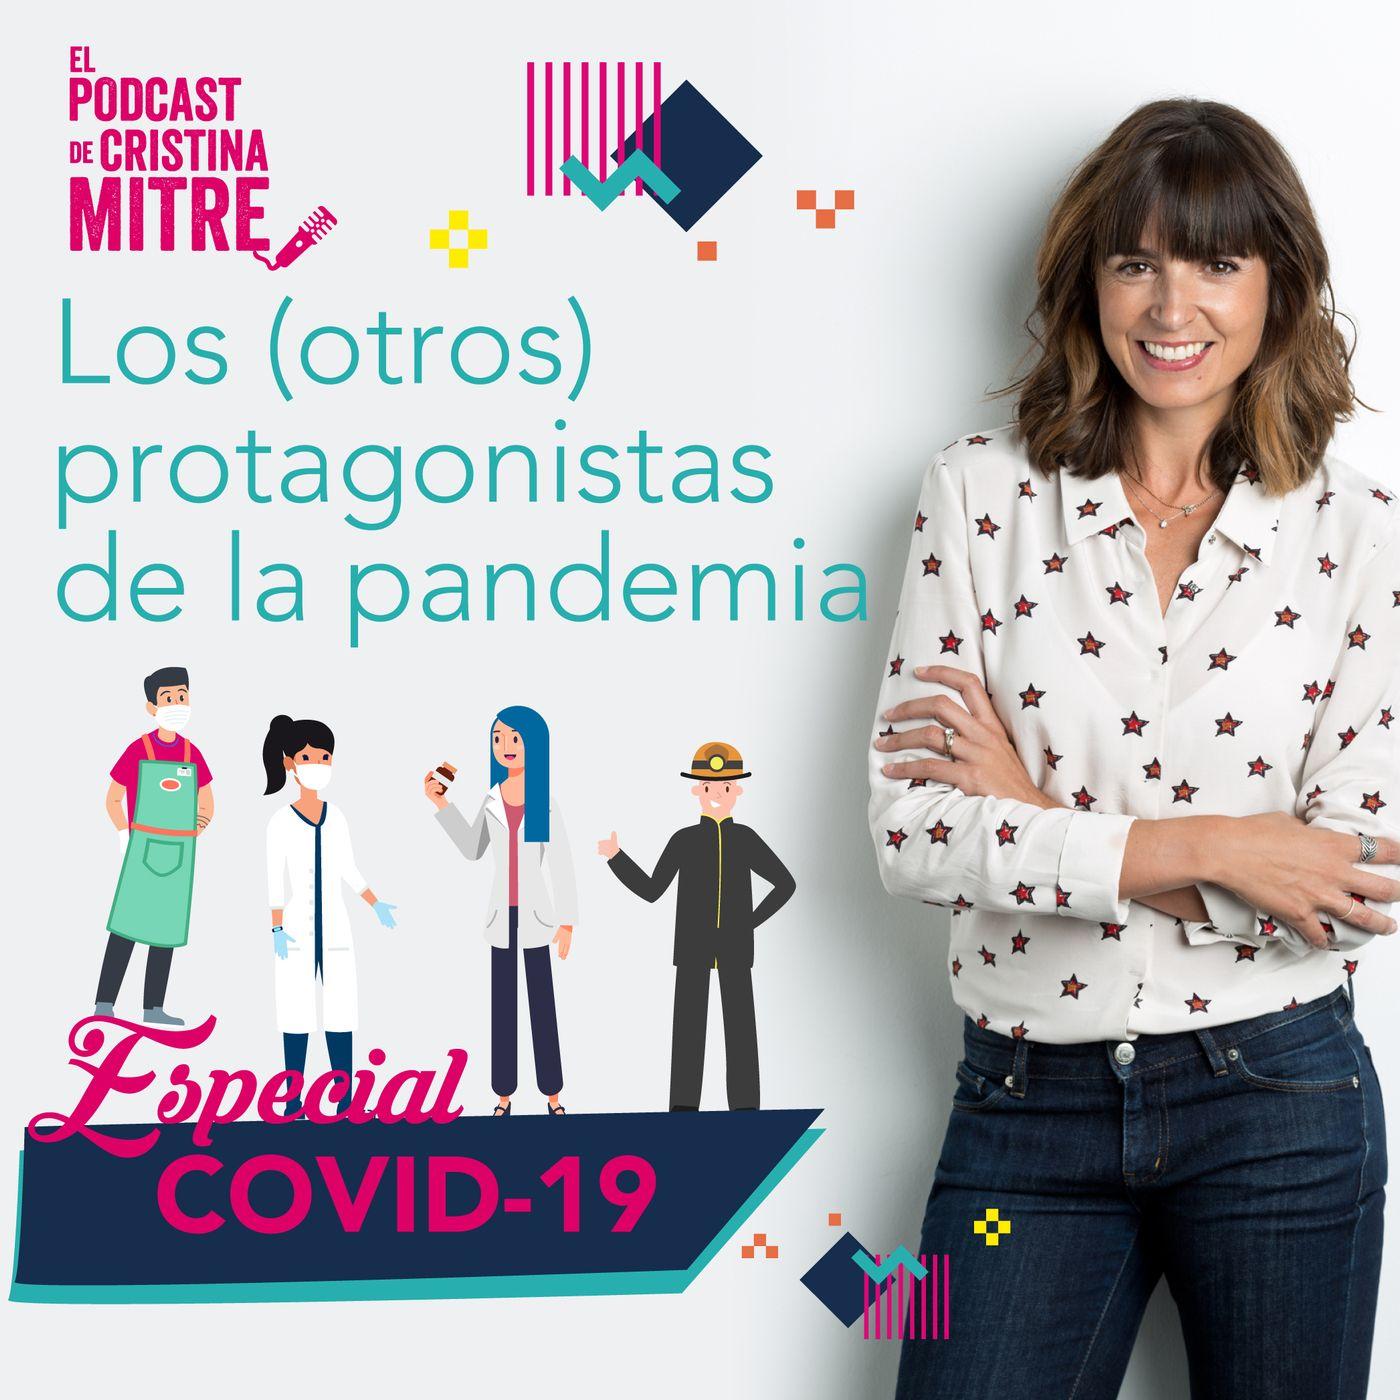 Los otros protagonistas de la pandemia. Especial COVID-19